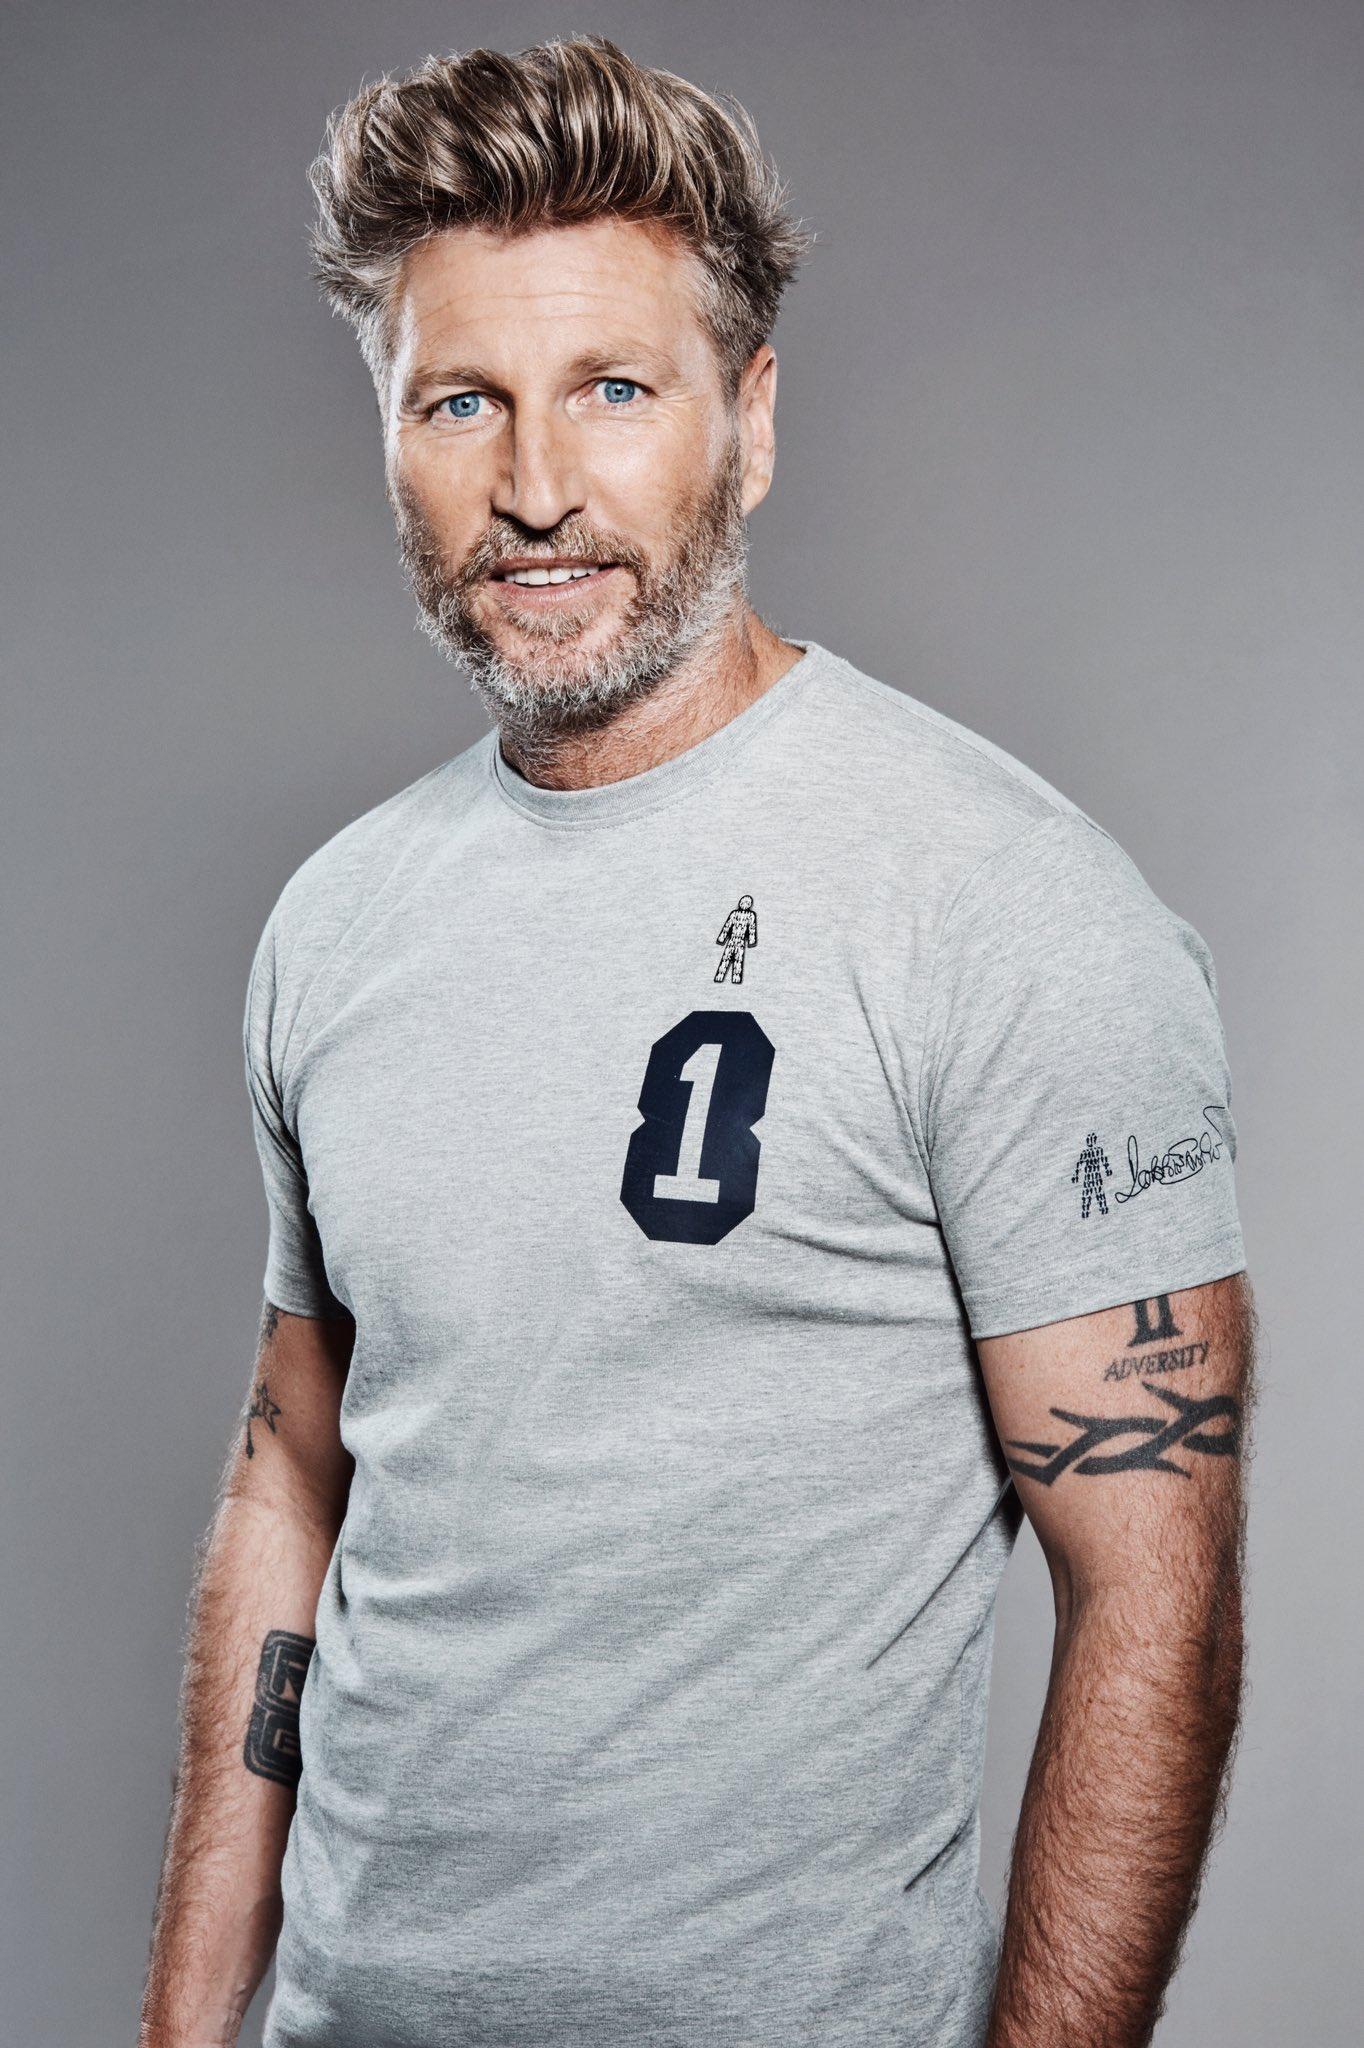 My T-Shirt to raise money for @ProstateUK is now on sale @Jacamo – https://t.co/8qsqID1ONT https://t.co/AivDE89d44